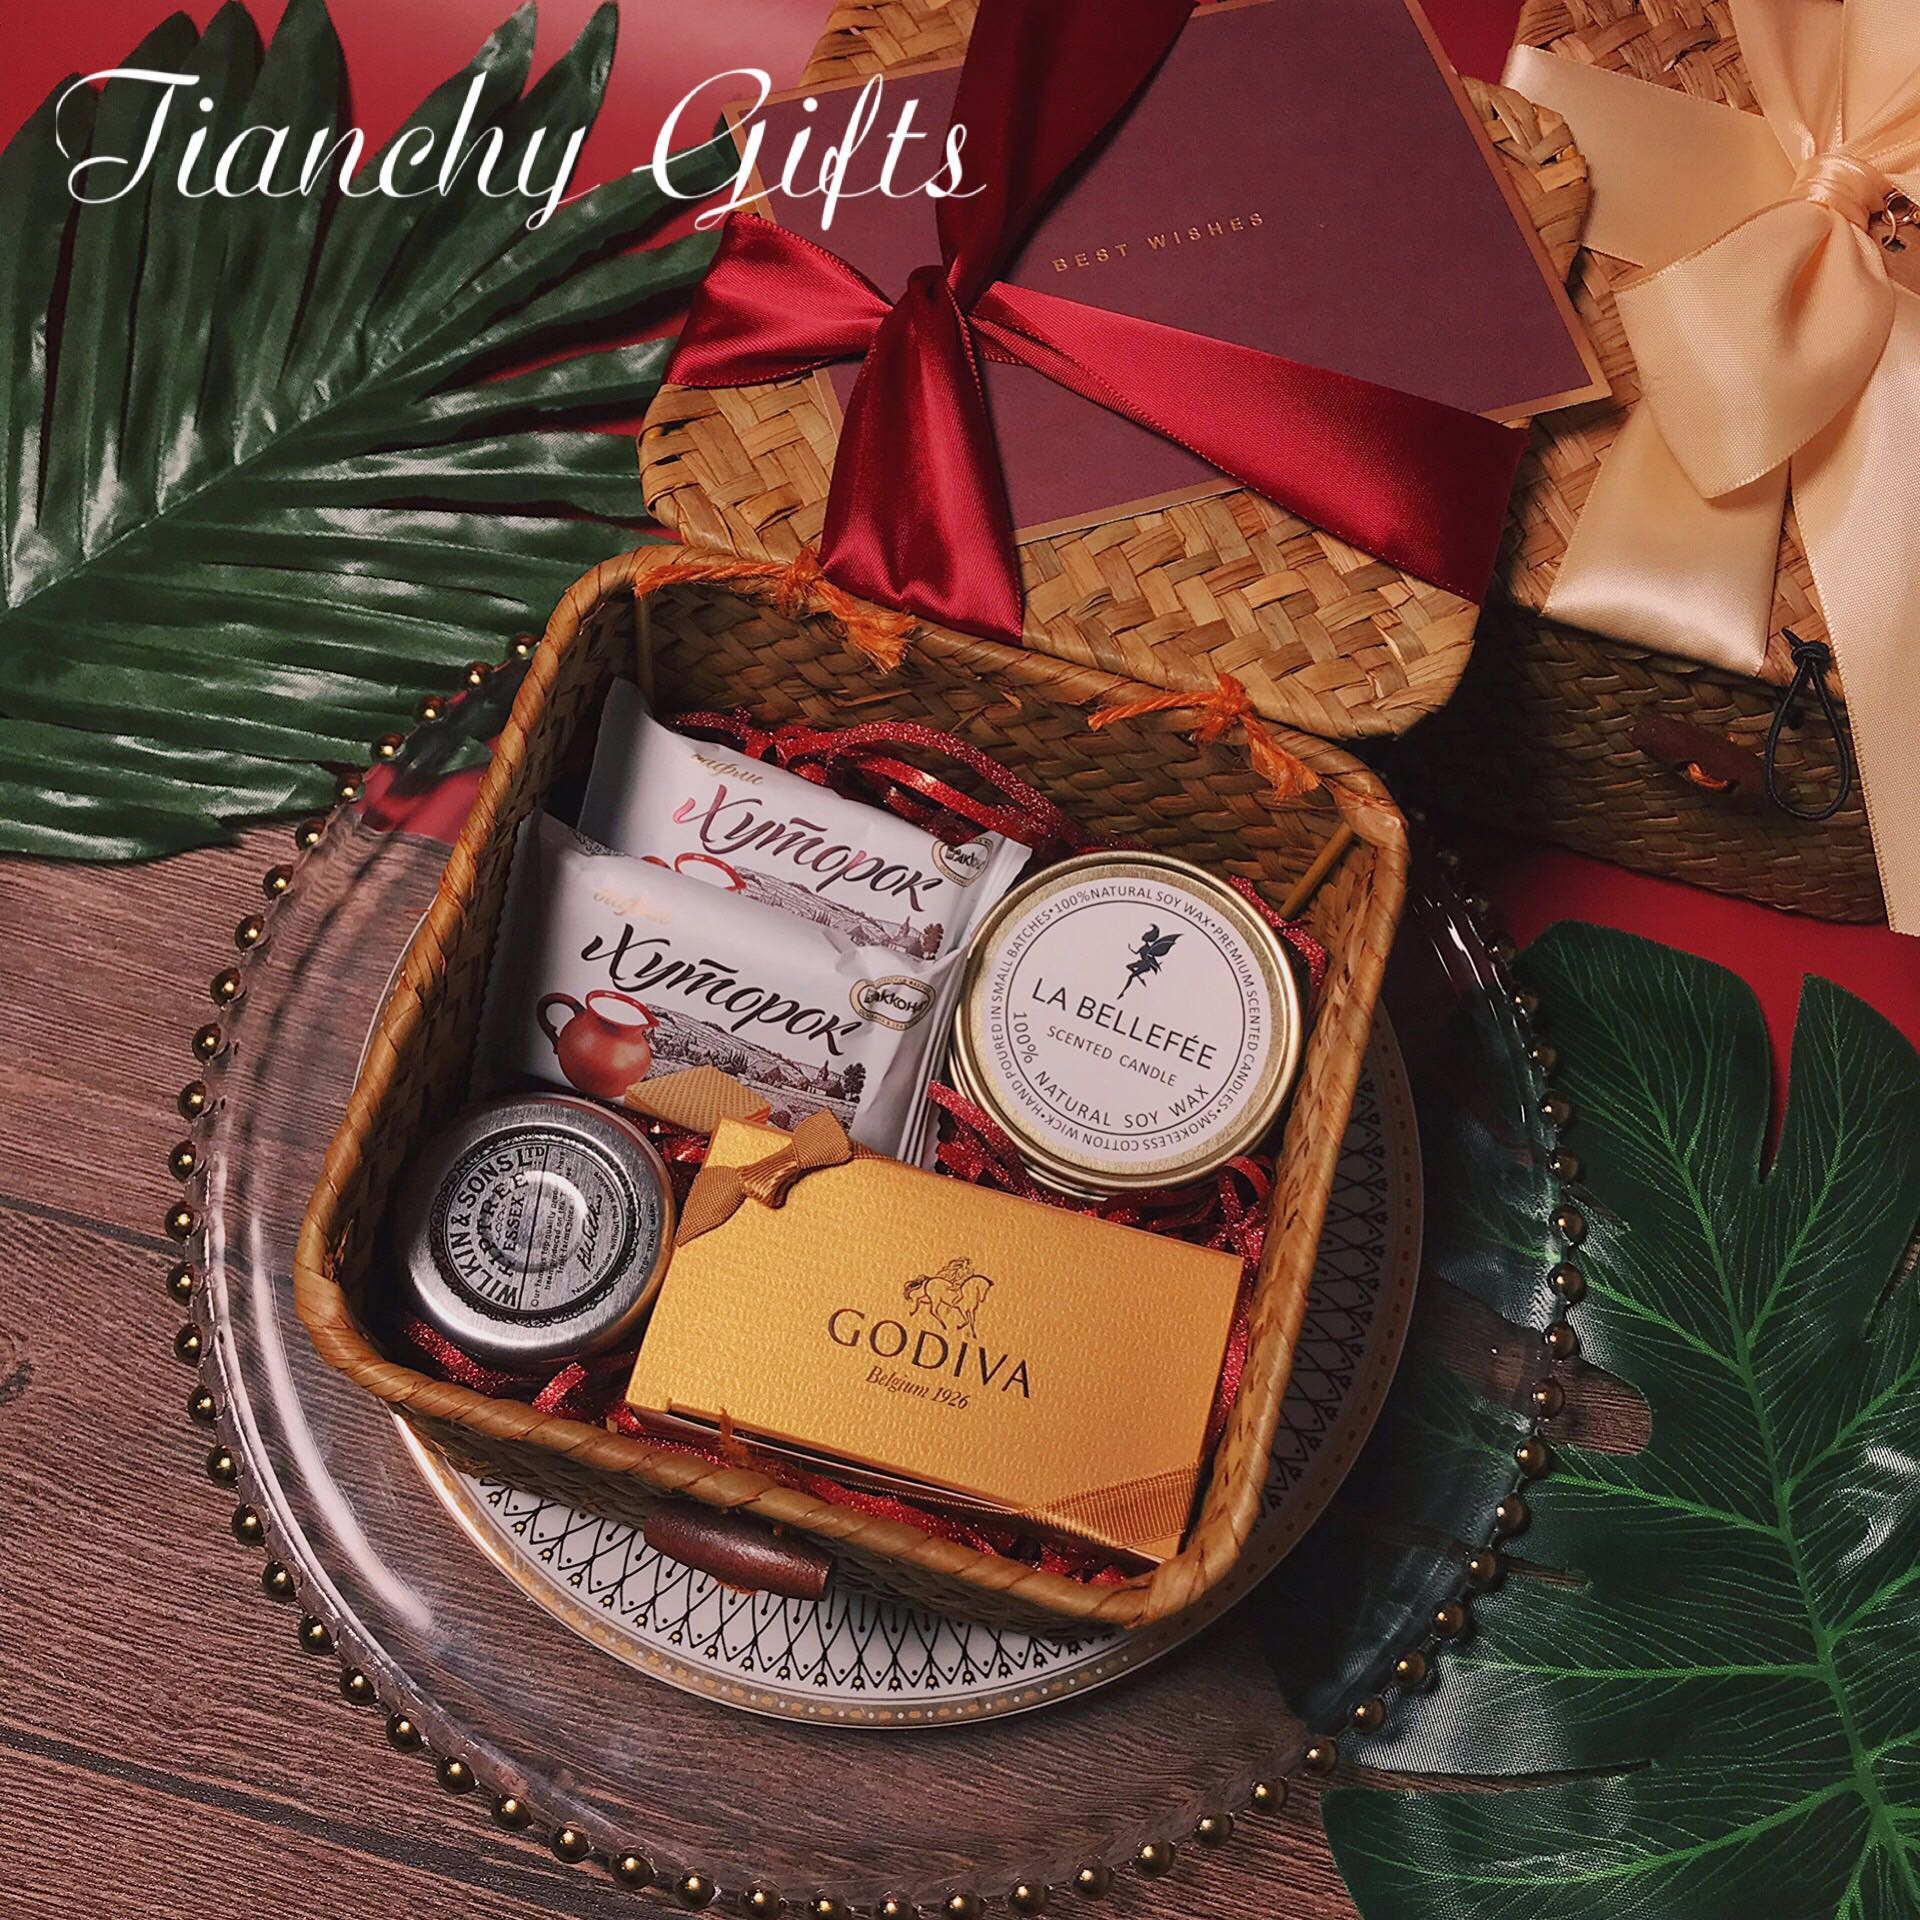 伴手礼物盒包装喜糖空盒ins风女伴娘结婚生日创意编织篮子礼品盒